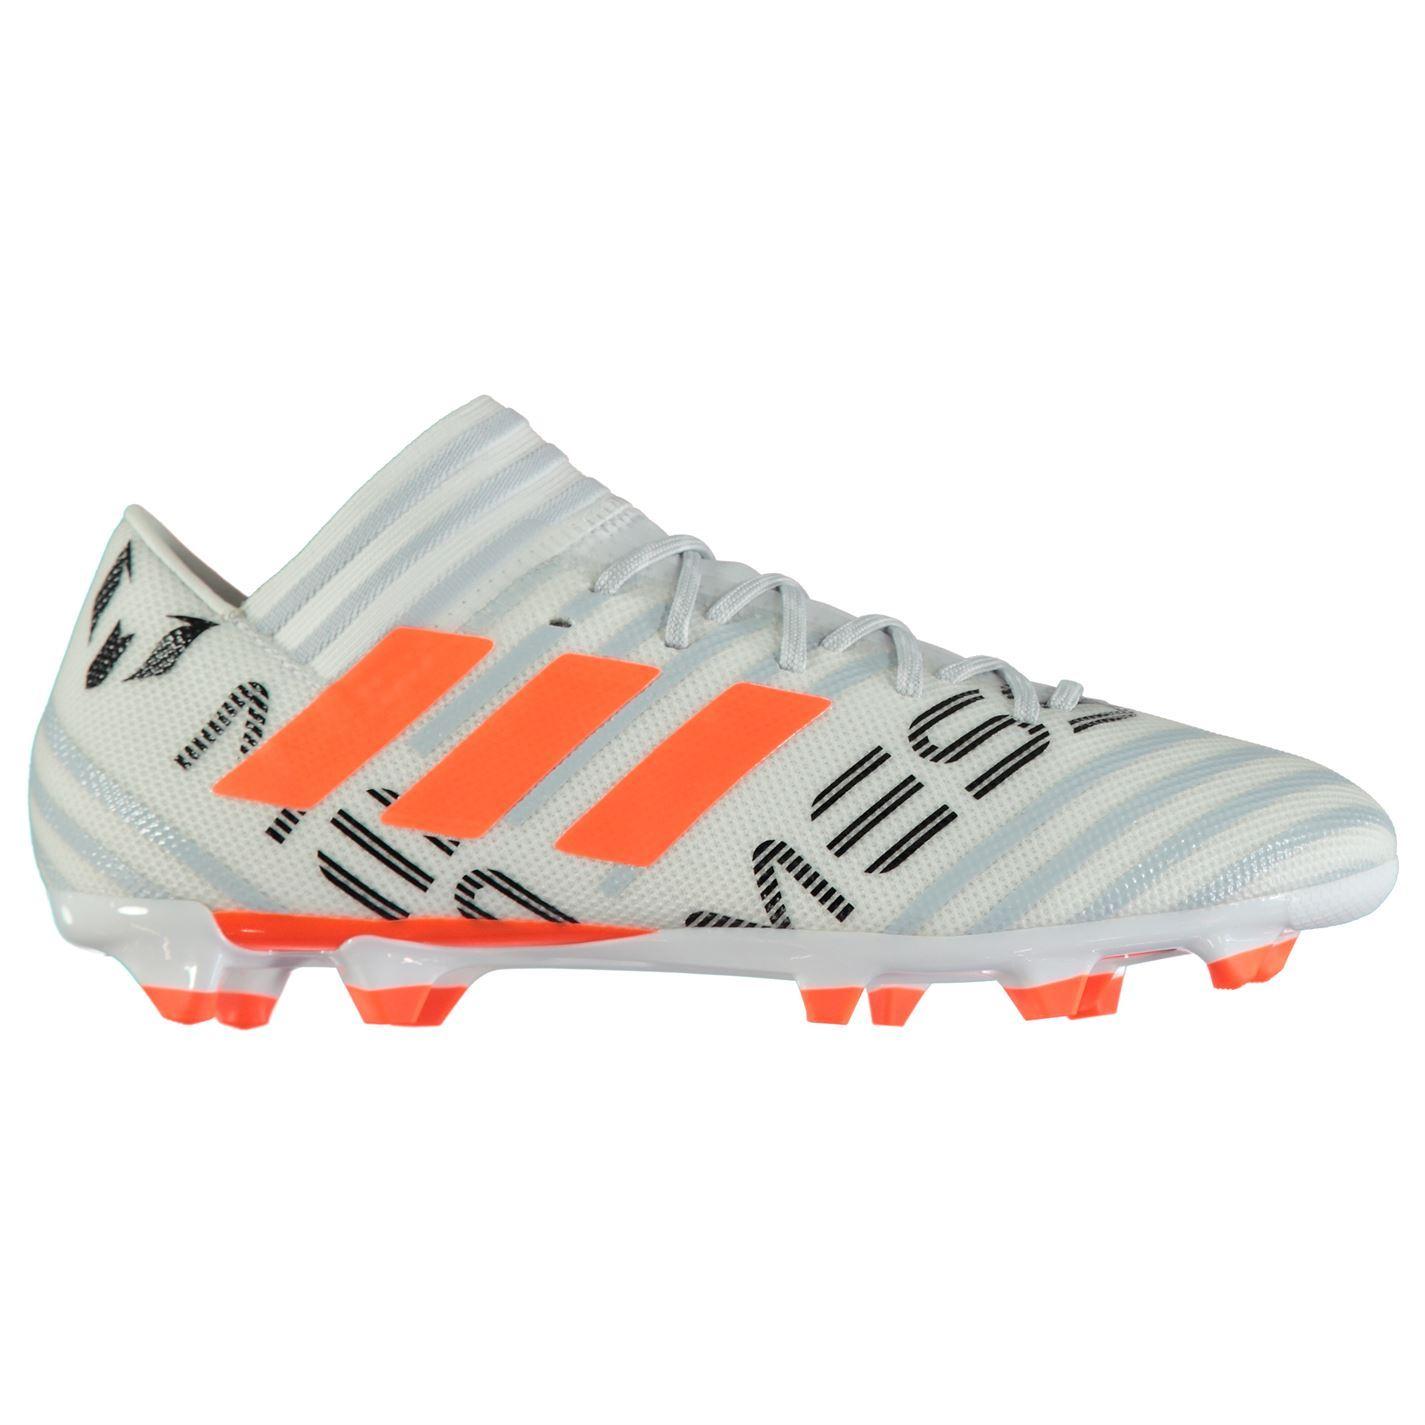 55eea443d adidas Nemeziz Messi 17.3 Firm Ground Football Boots Mens White Soccer  Cleats